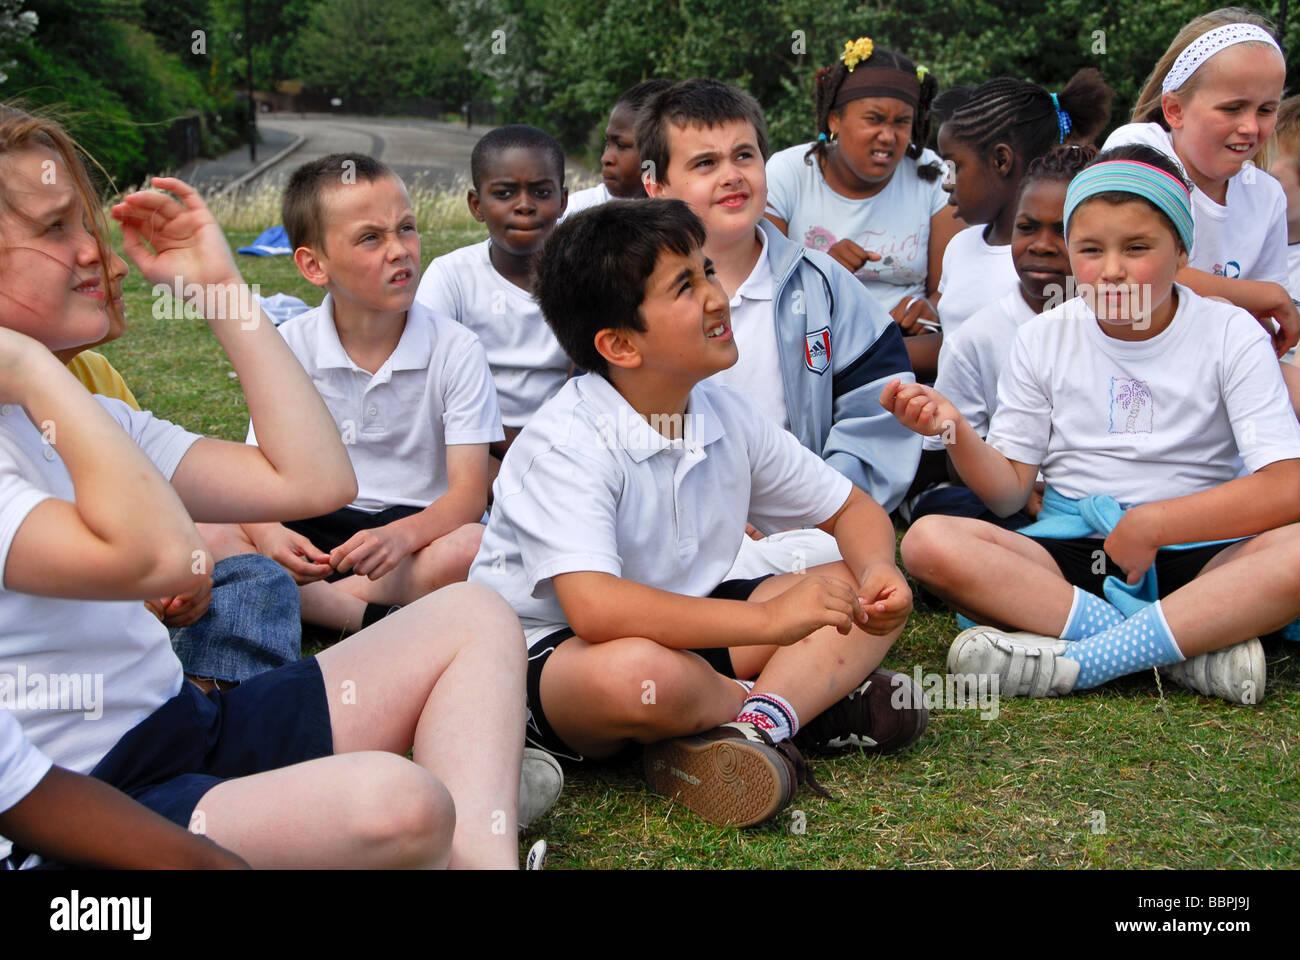 Gli alunni nella scuola di sport giornata ascoltando l'istruzione /BURGES PARK 2009 Immagini Stock